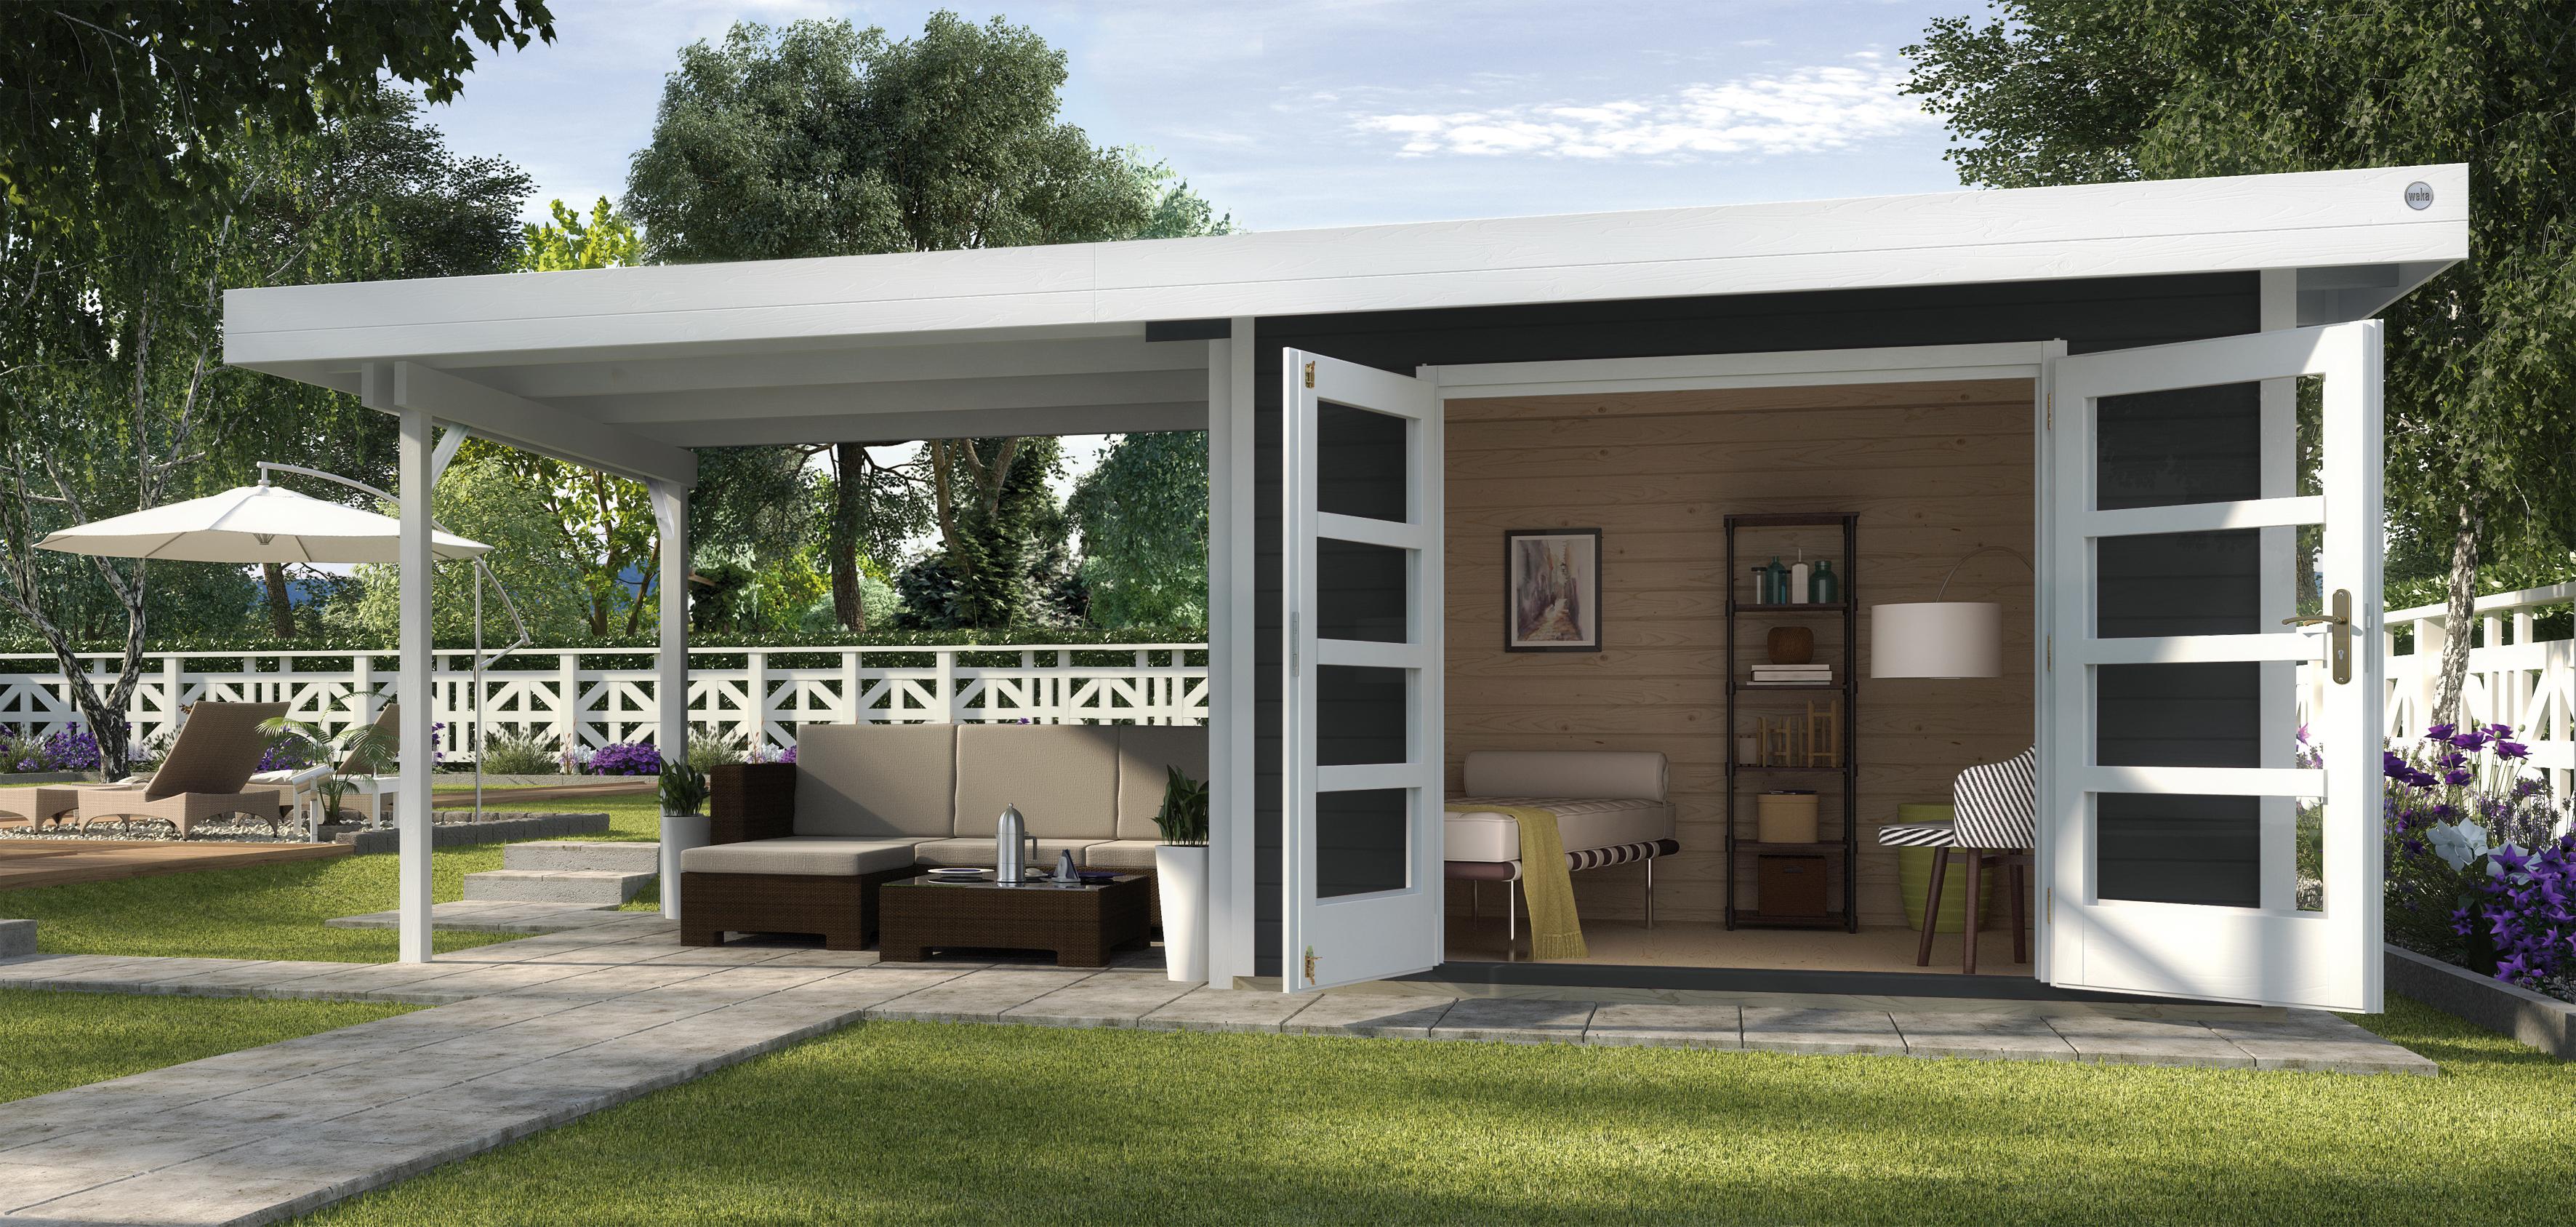 Abri De Jardin Design Toit Plat Avec Auvent - Abri Bois De 10 À 15 M² Nea  Concept pour Abri De Jardin Bois Toit Plat